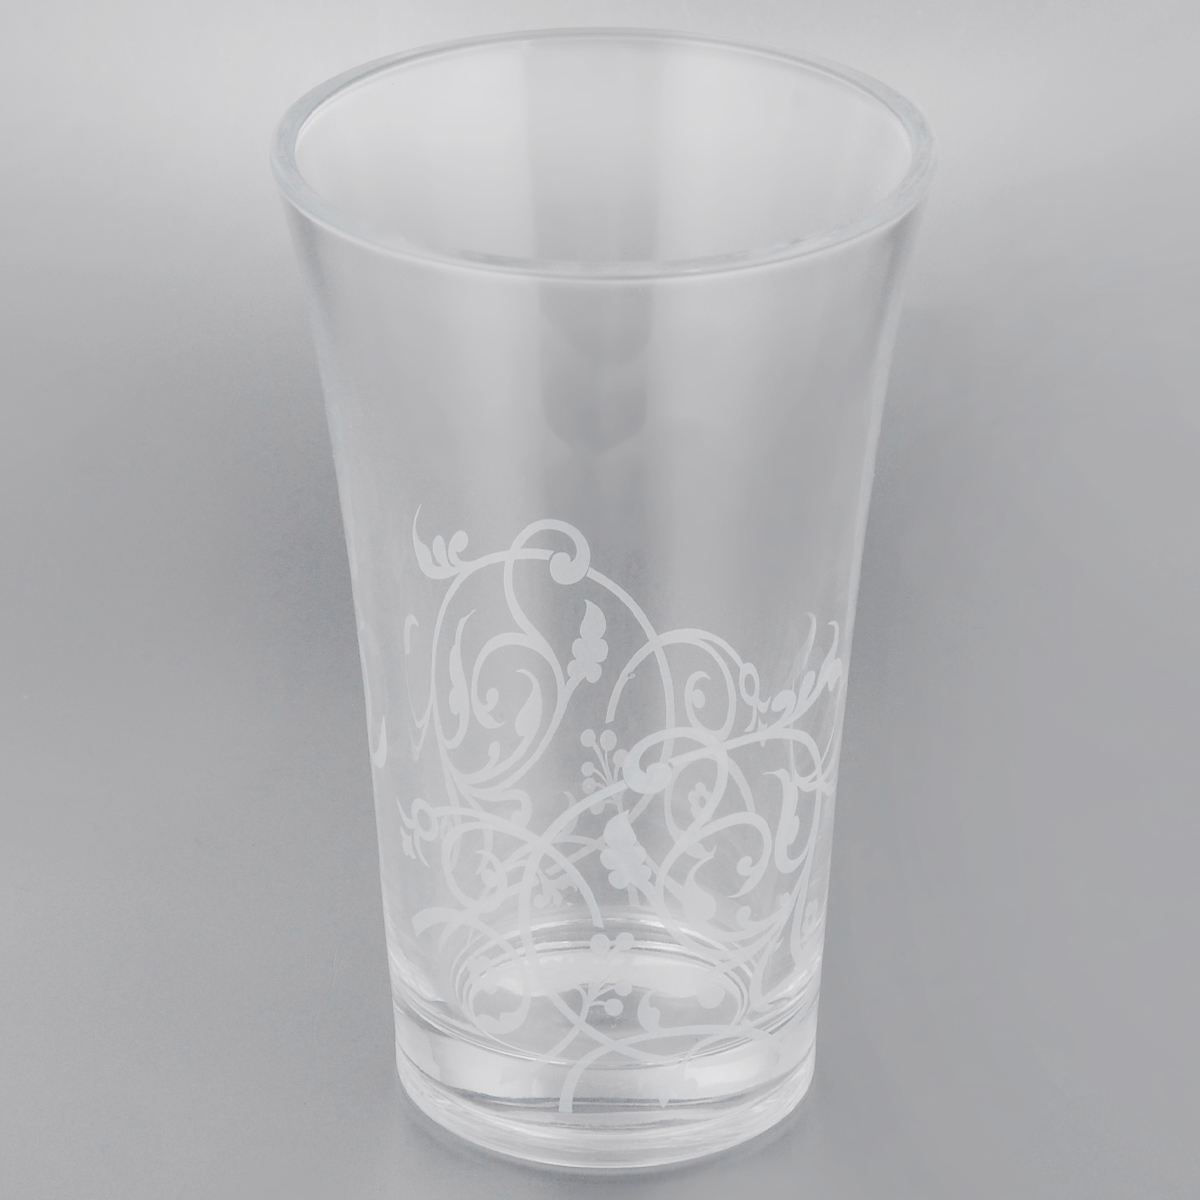 Ваза Cristal dArques Floriday, высота 20 смH8699Ваза Cristal dArques Floriday выполнена из прочного высококачественного стекла Diamax, материала высшего качества, разработанного специально для марки Cristal dArques. Все коллекции, выполненные из этого стекла, отличаются высокой стойкостью к ударам при ежедневном использовании, безукоризненной прозрачностью и великолепным сиянием. Изделие декорировано узором, имеет гладкие прозрачные стенки и утолщенное дно.Ваза Cristal dArques Floriday сочетает в себе изысканный дизайн с максимальной функциональностью. Она не только украсит дом и подчеркнет ваш прекрасный вкус, но и станет отличным подарком.Высота: 20 см.Диаметр вазы (по верхнему краю): 12,5 см.Диаметр основания: 8,5 см.